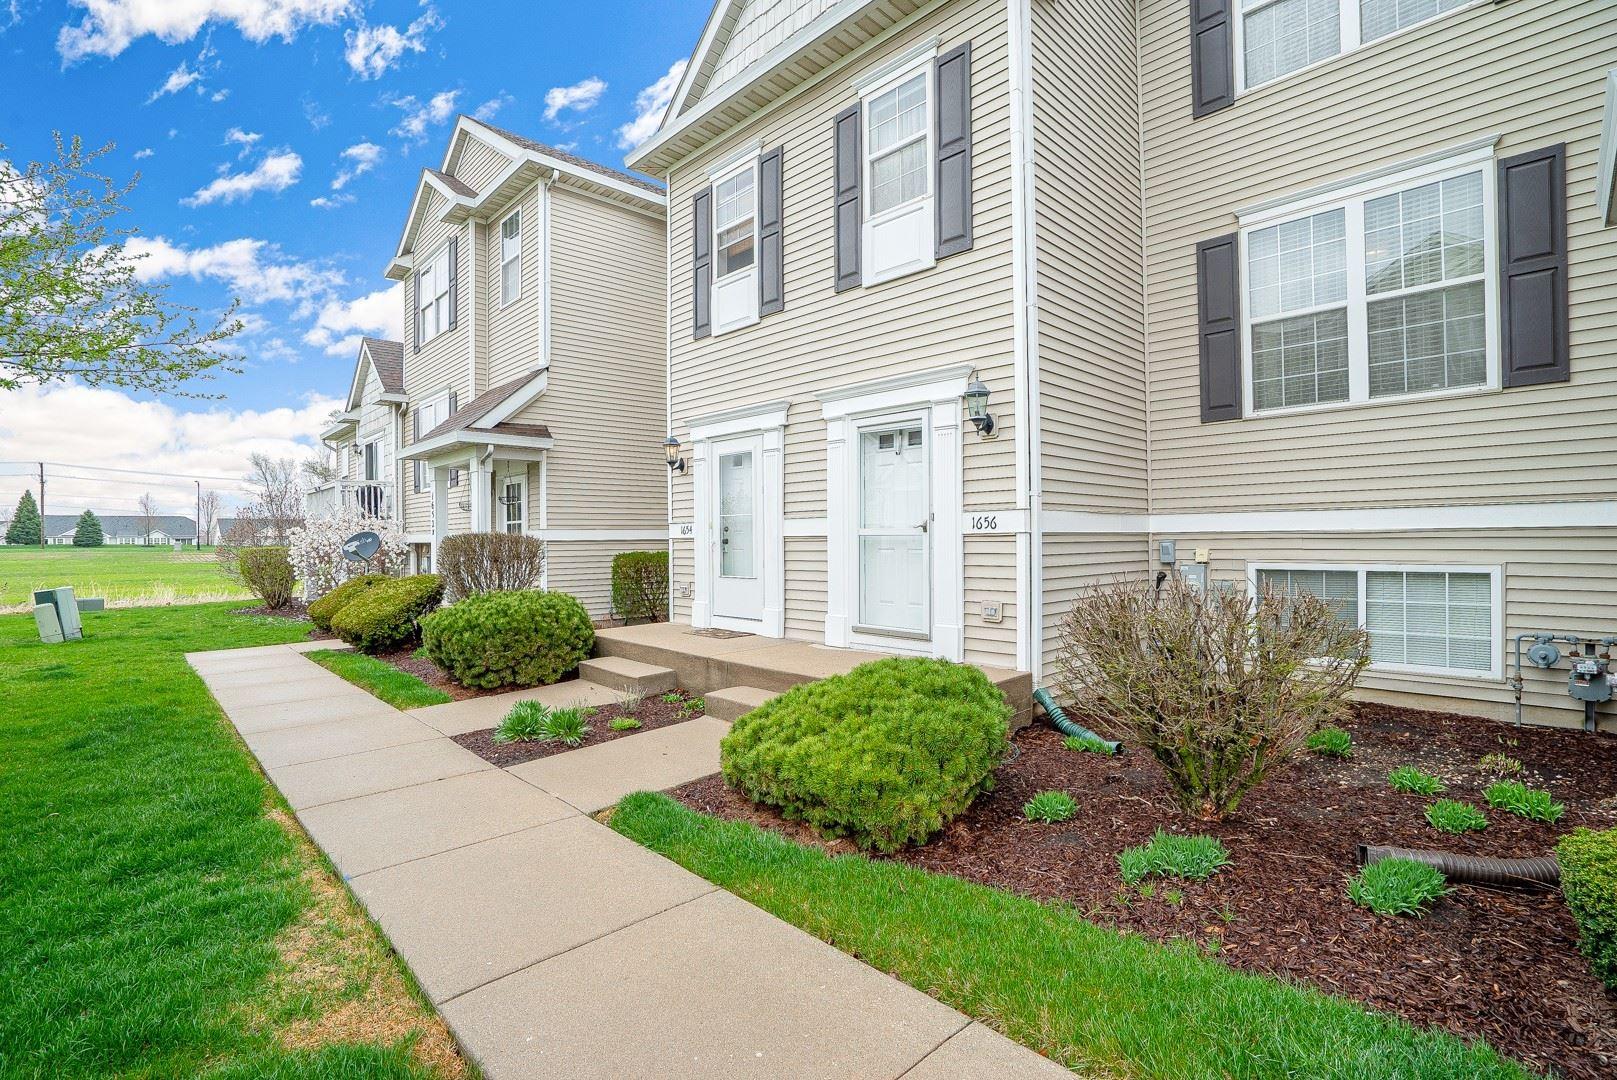 Photo of 1656 Fieldstone Drive N, Shorewood, IL 60404 (MLS # 11049194)